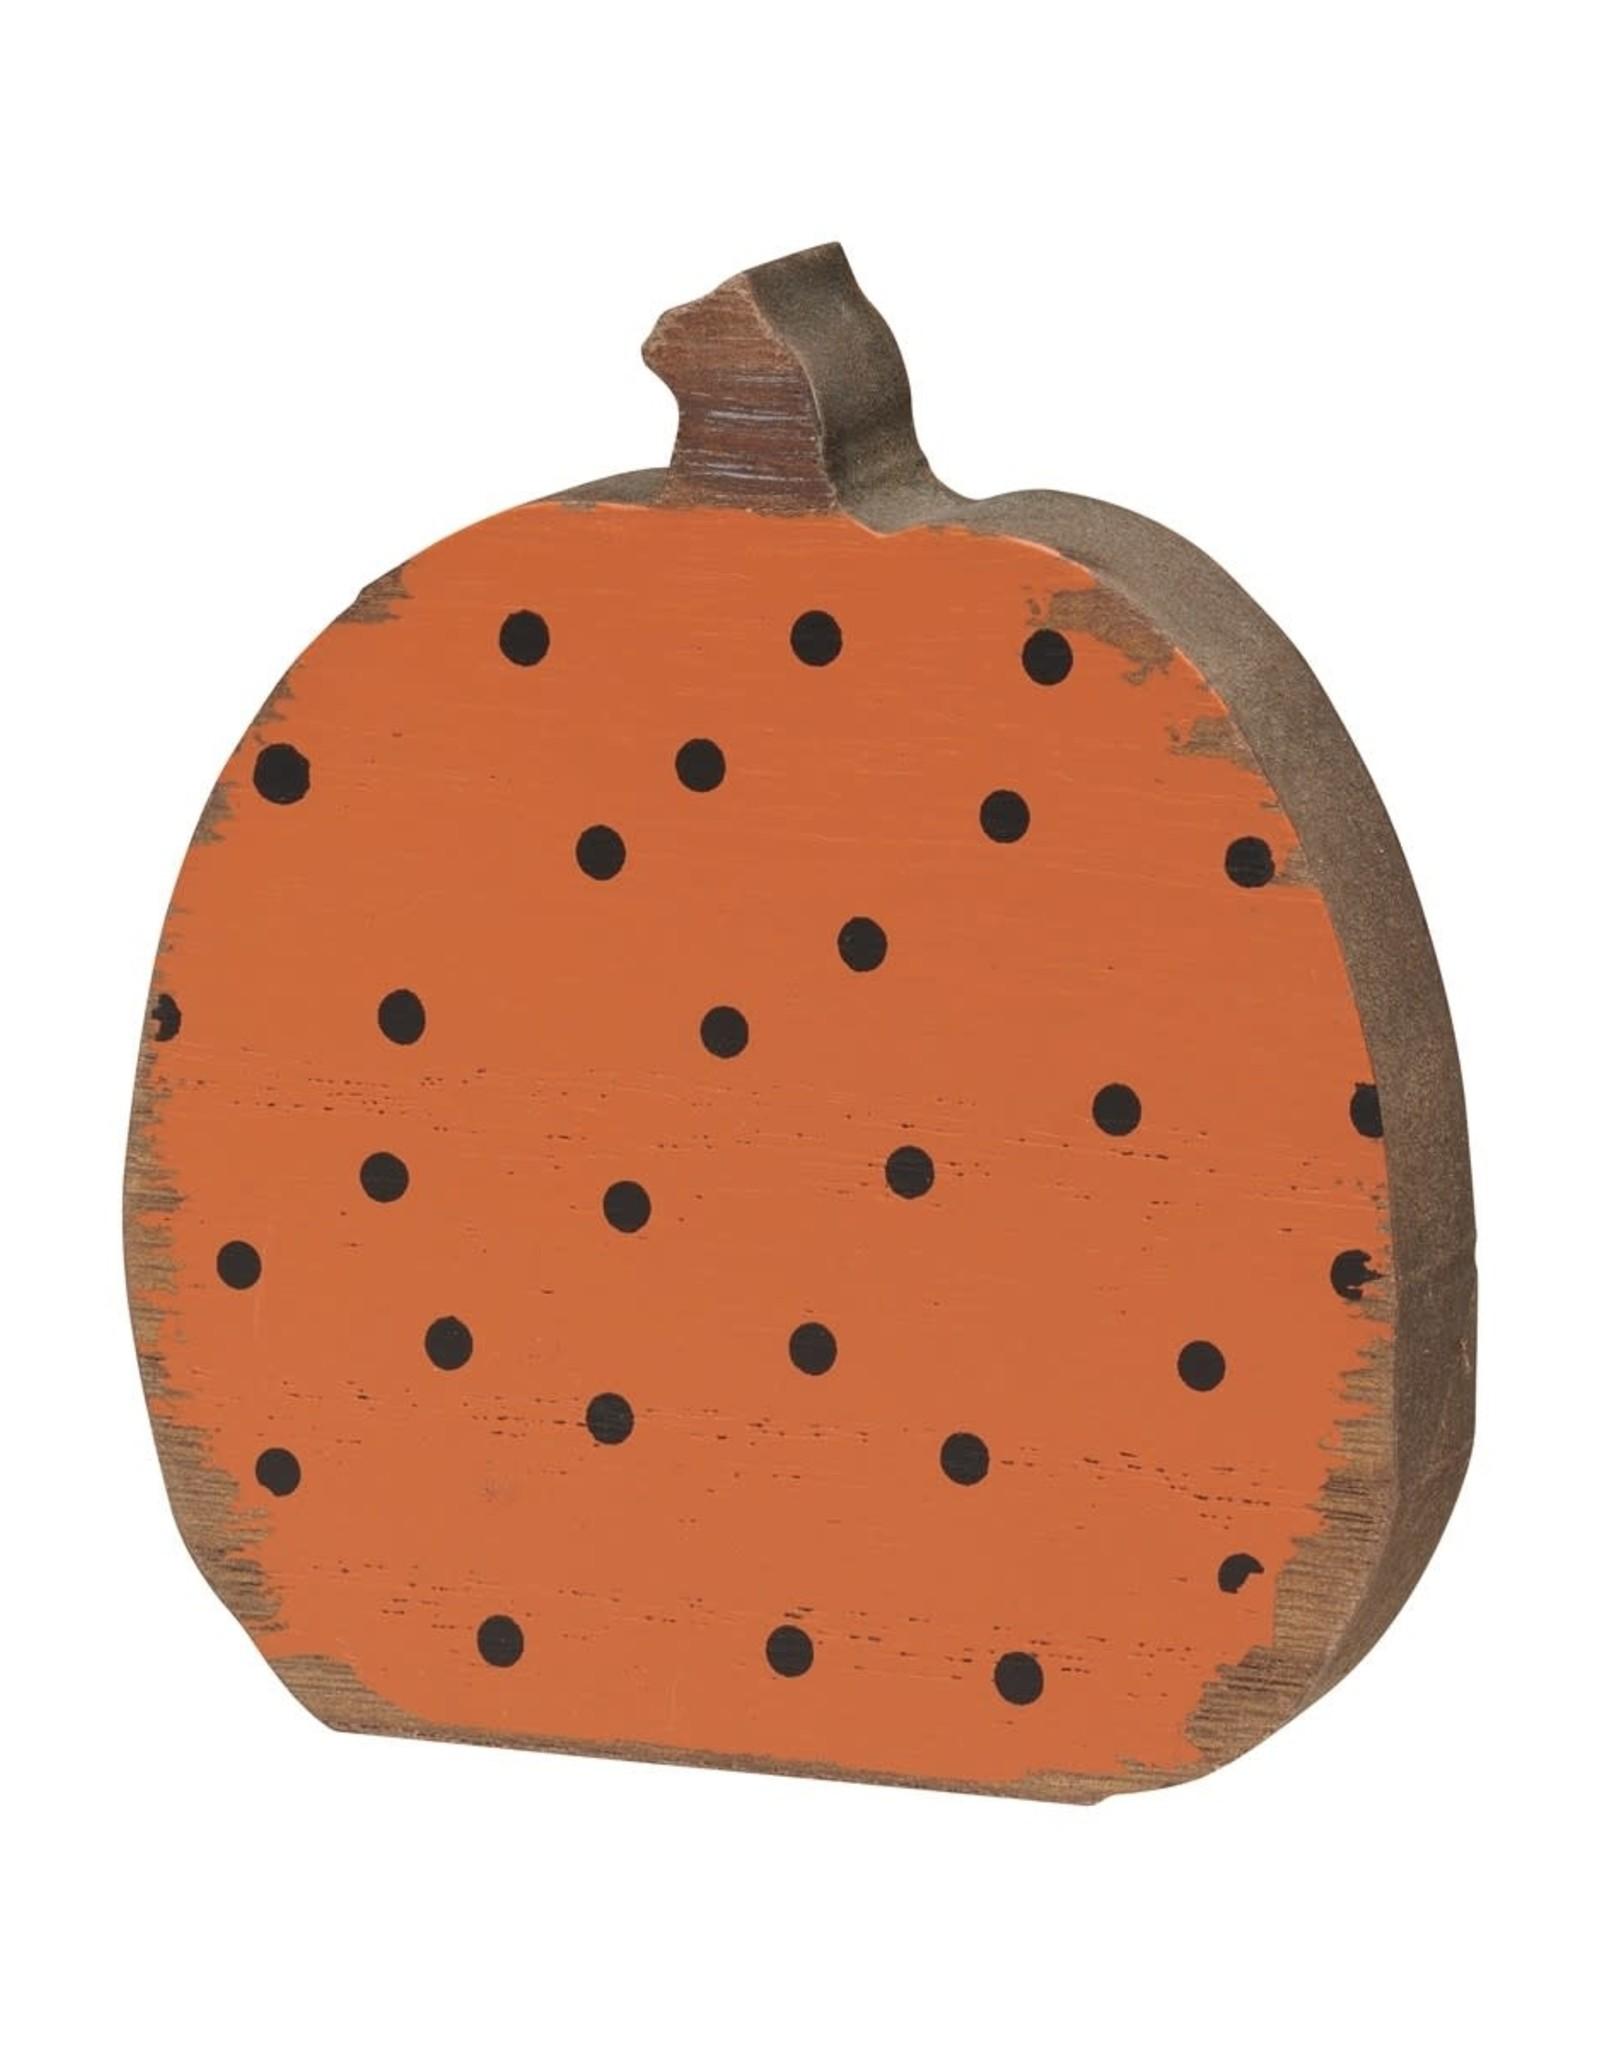 Black Dot Pumpkin Cutout